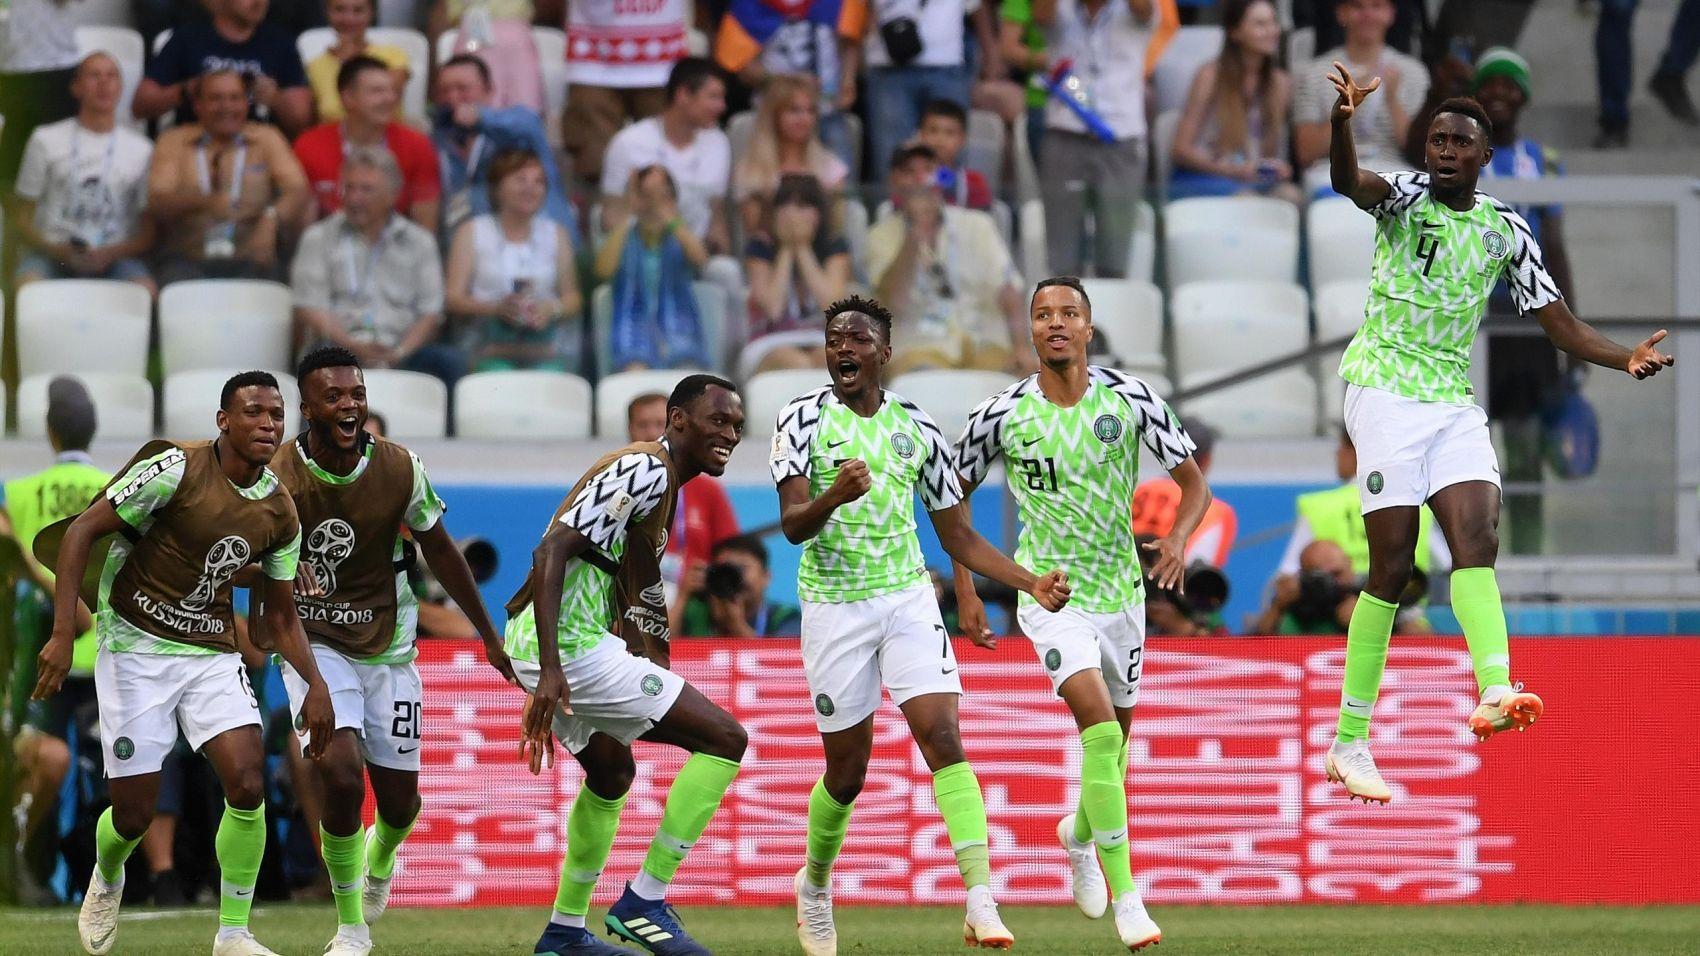 #Can2019: le Nigéria bat la Tunisie et termine 3e pour la huitième fois